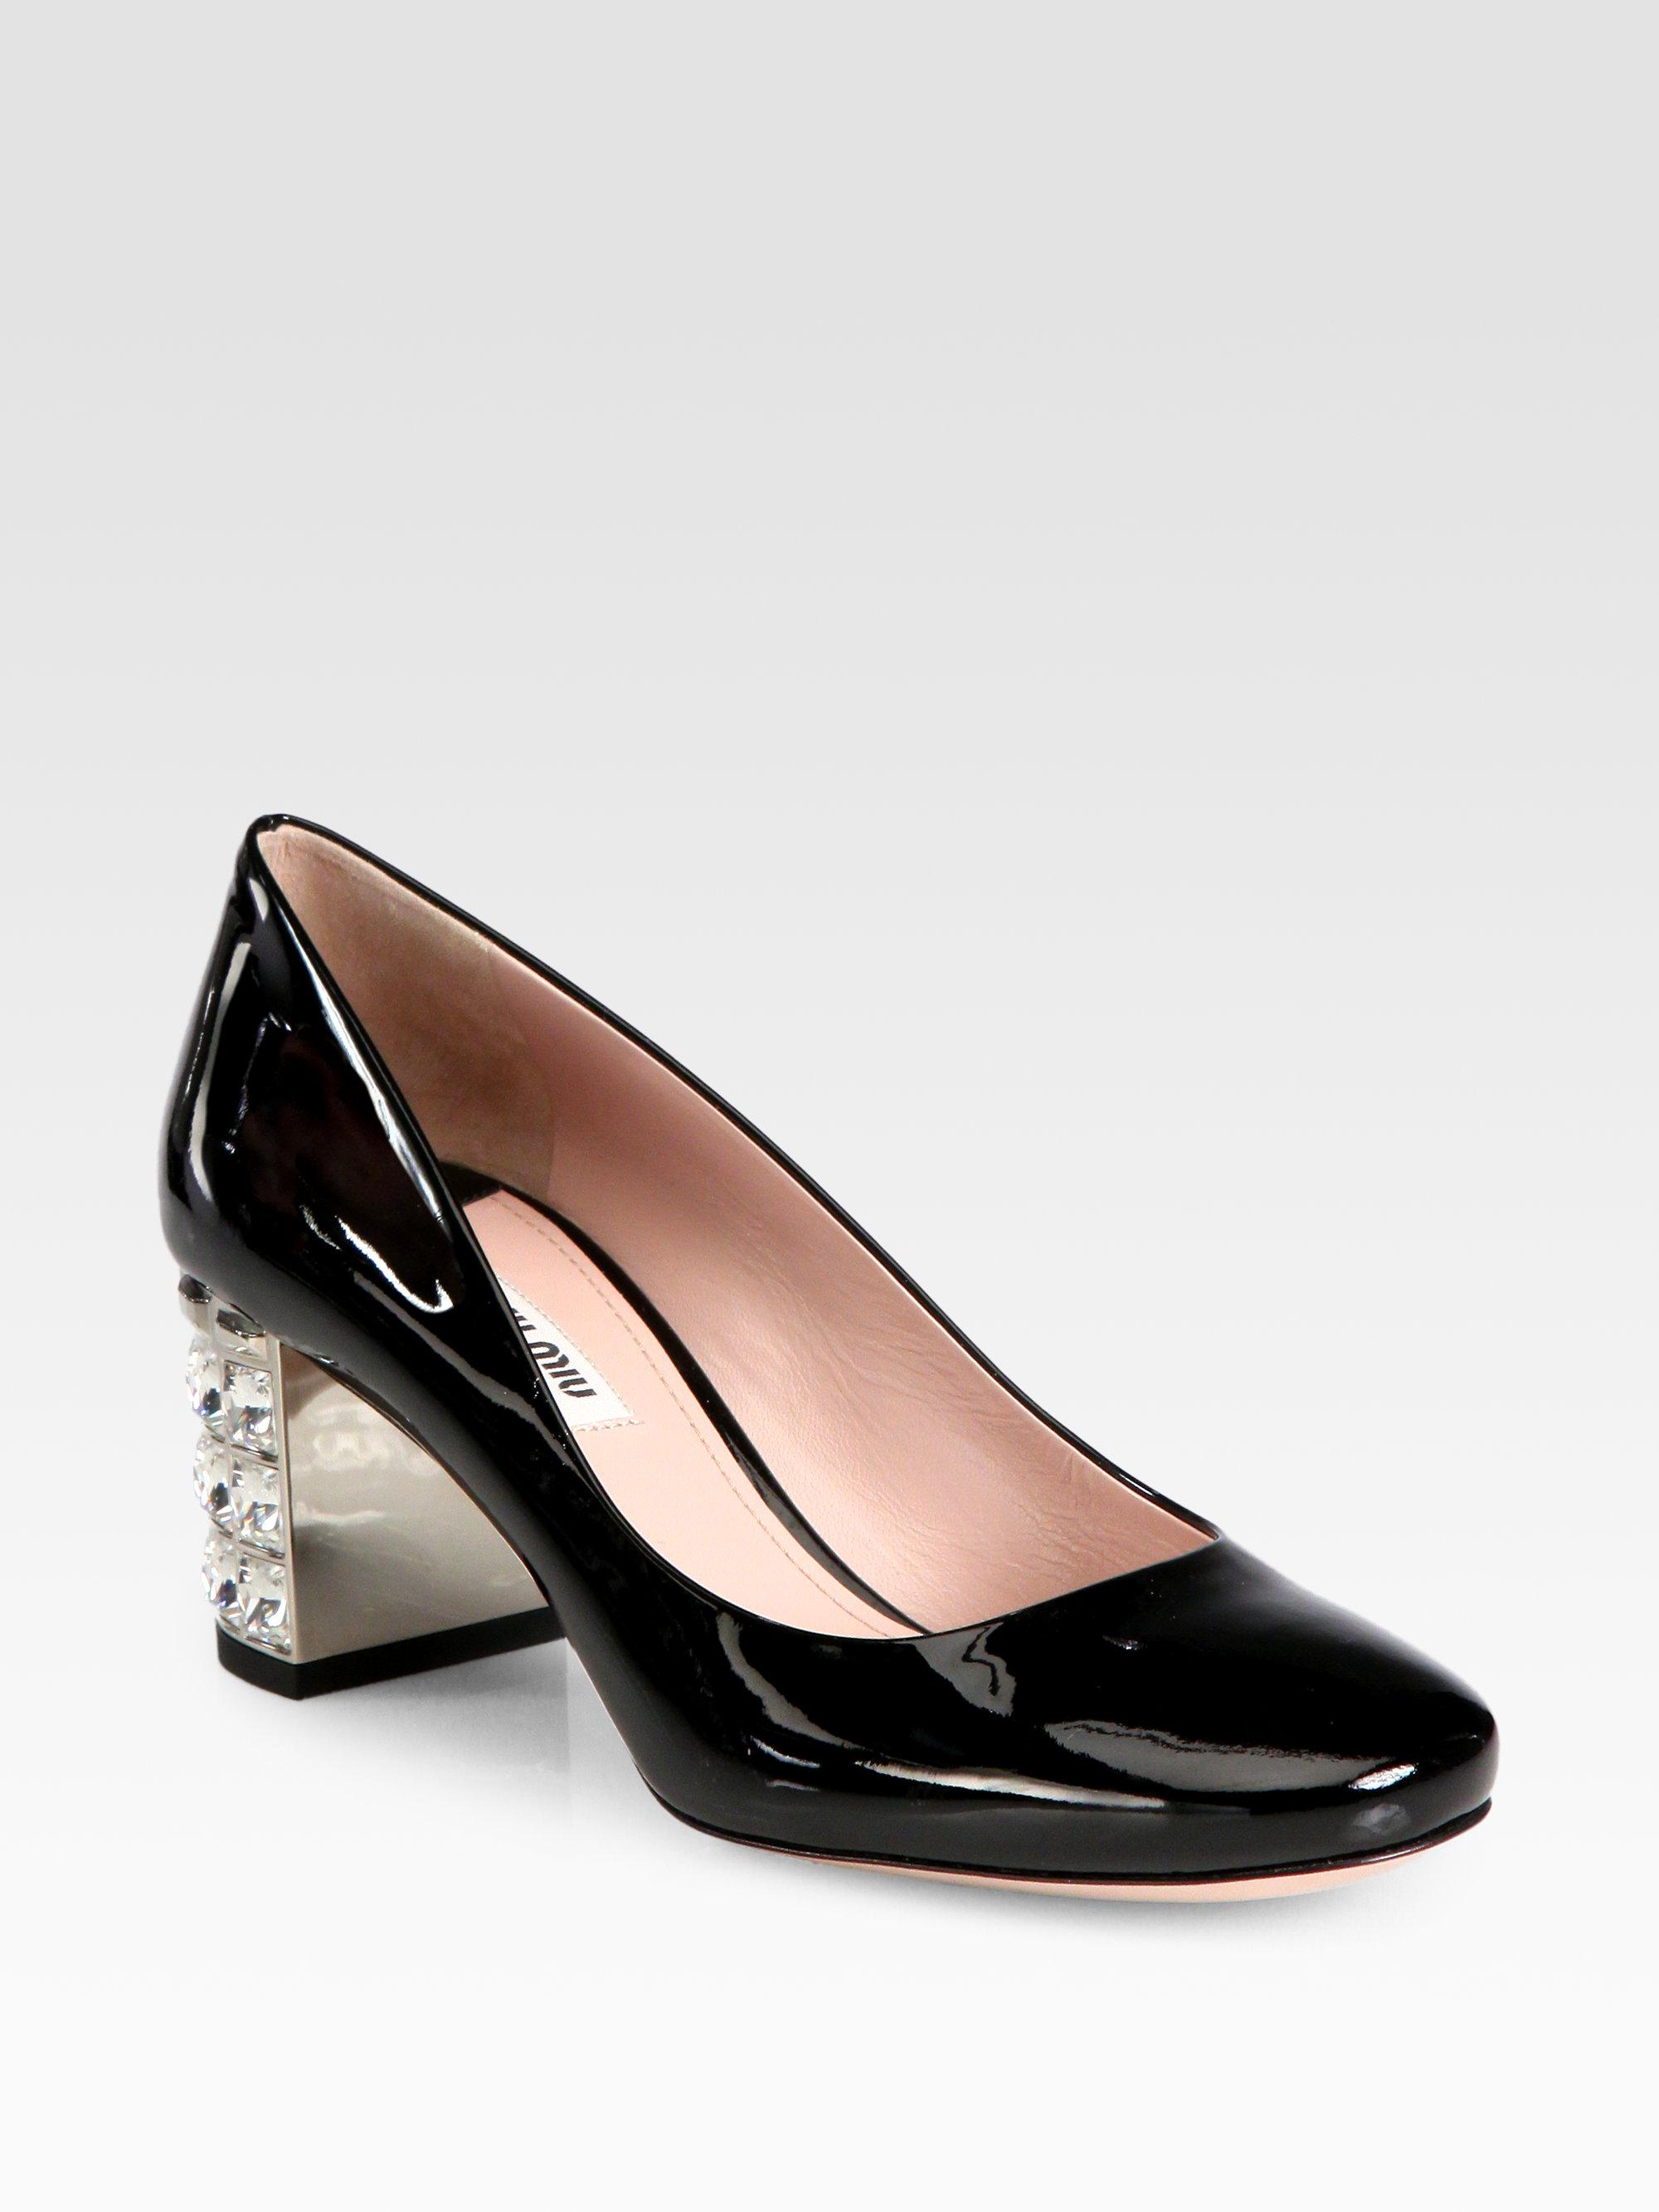 db514e1b7cc Lyst - Miu Miu Patent Leather Crystal Heel Pumps in Black